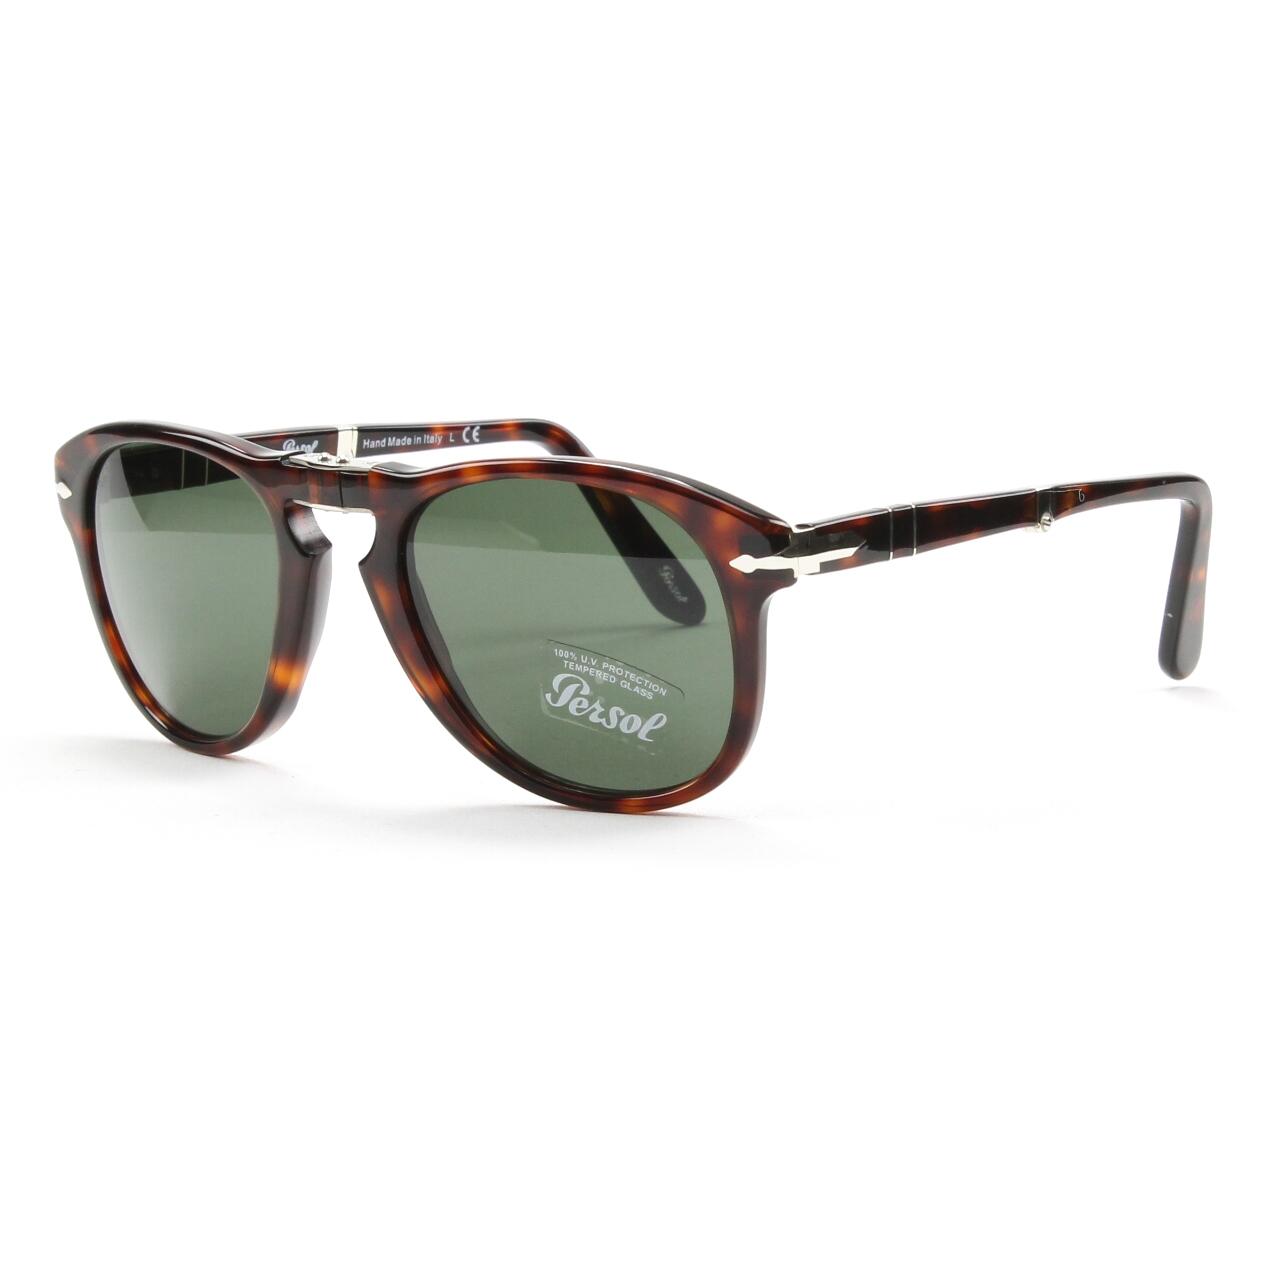 7d08141e525b Persol 714 Sunglasses Amazon